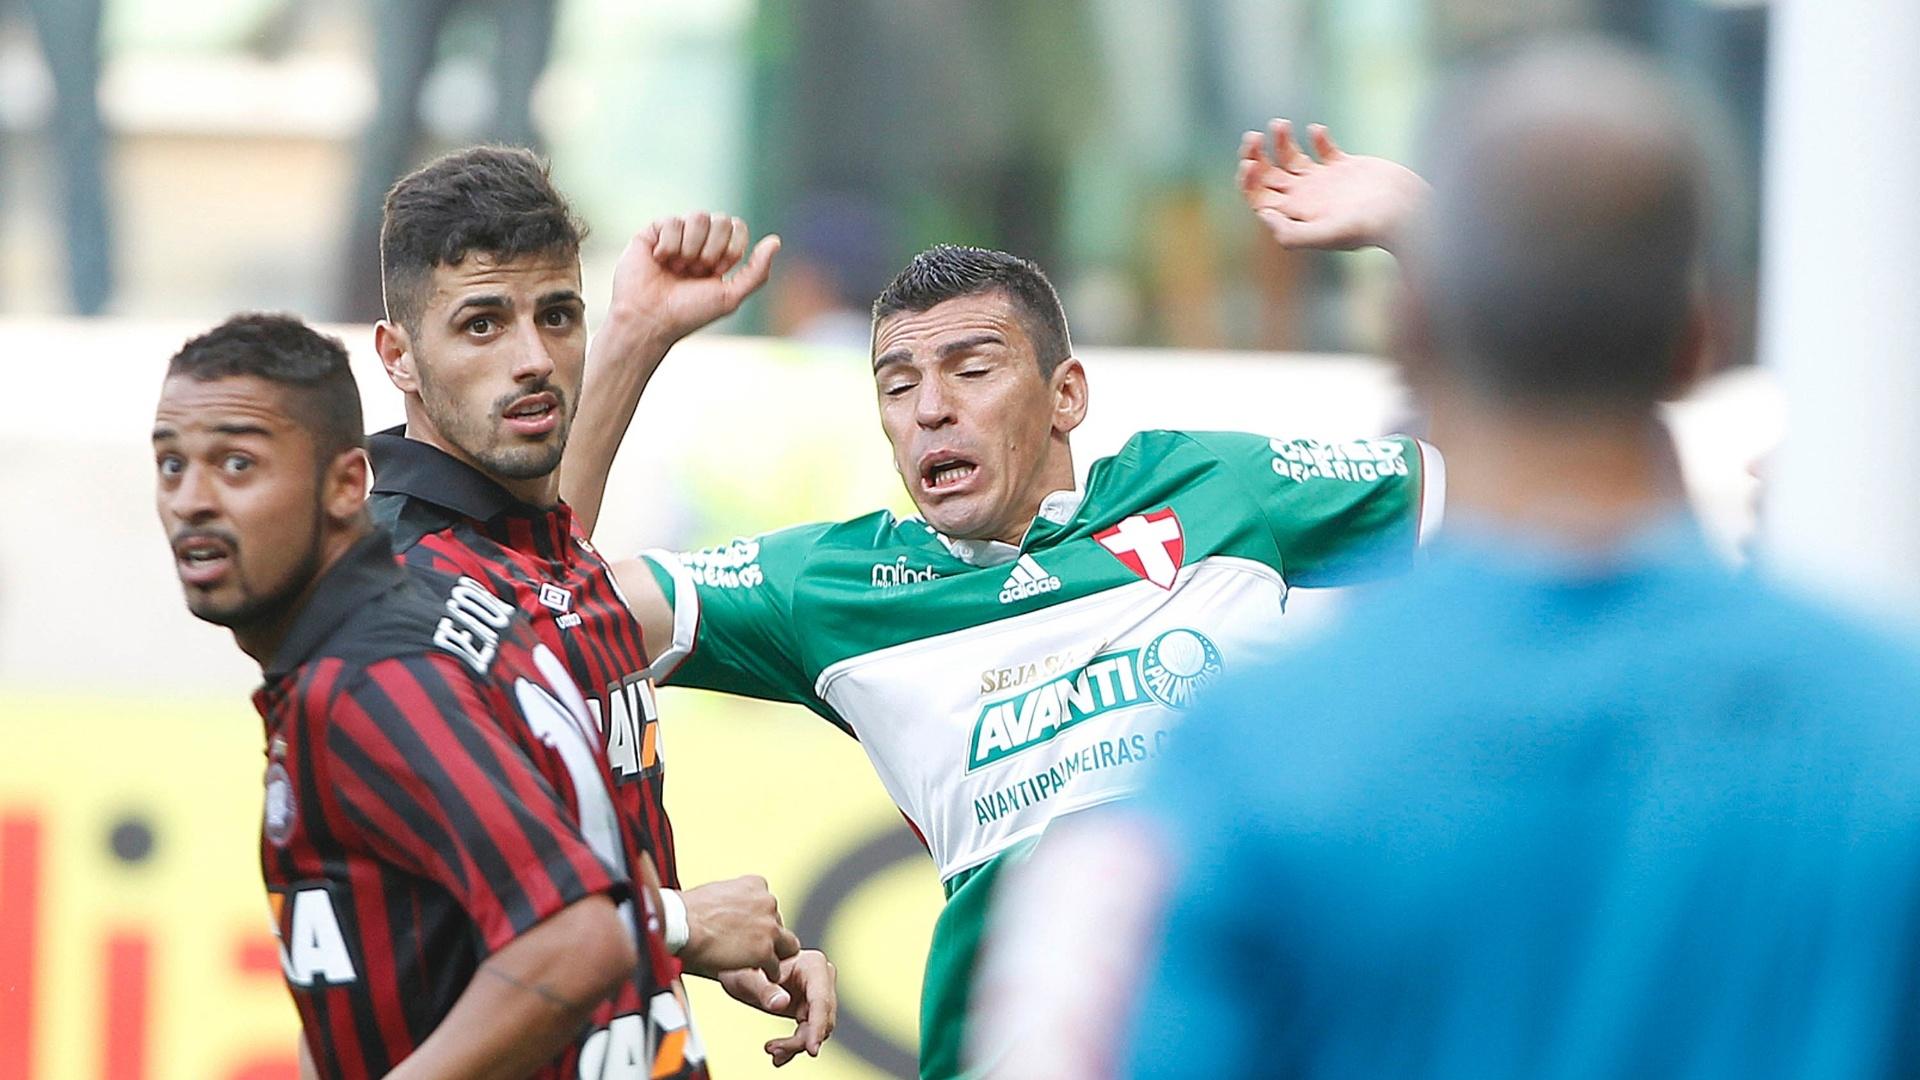 Lúcio disputa jogada com atletas do Atlético-PR